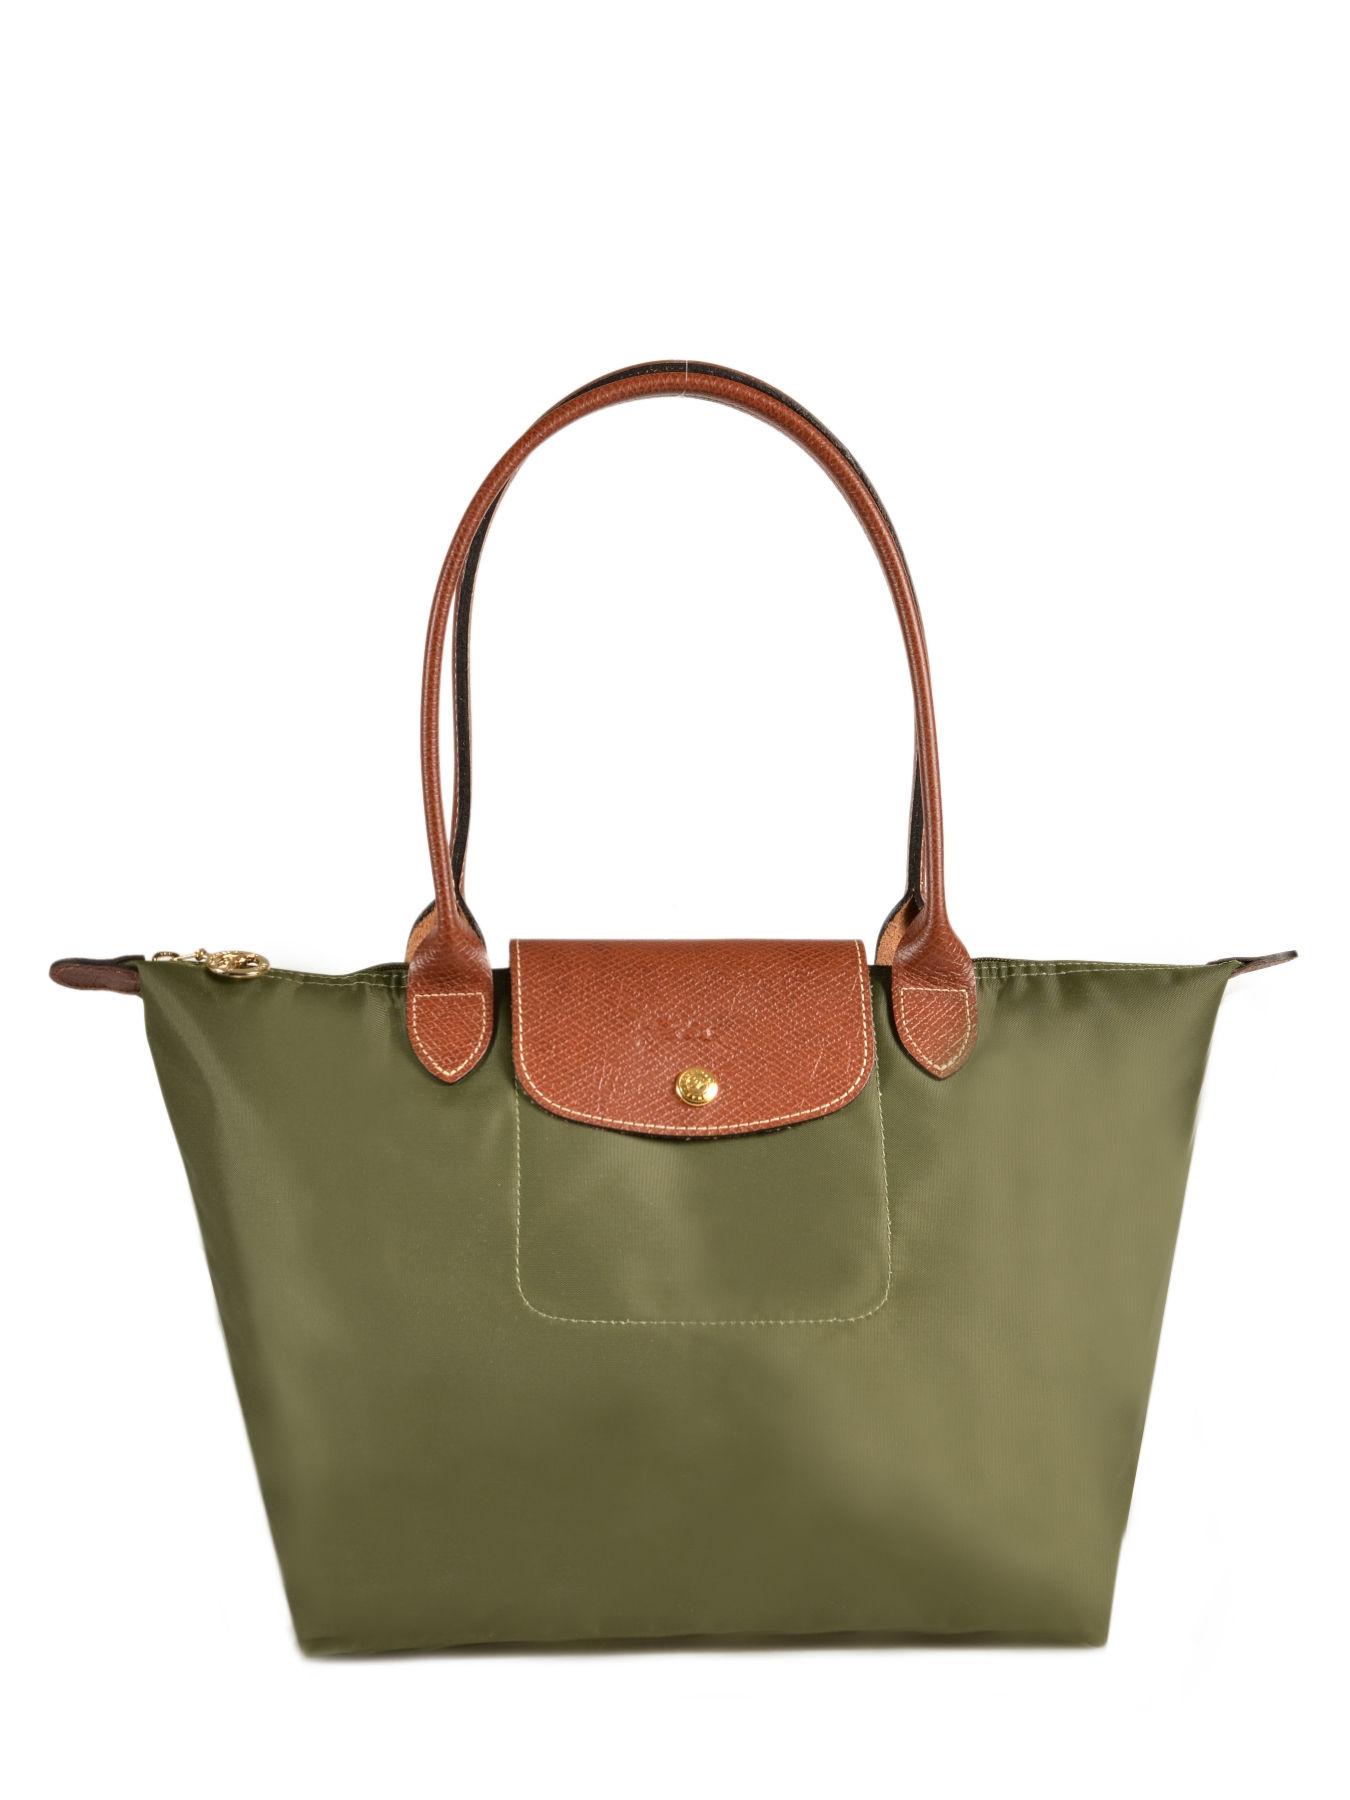 Sac shopping M Le pliage LONGCHAMP